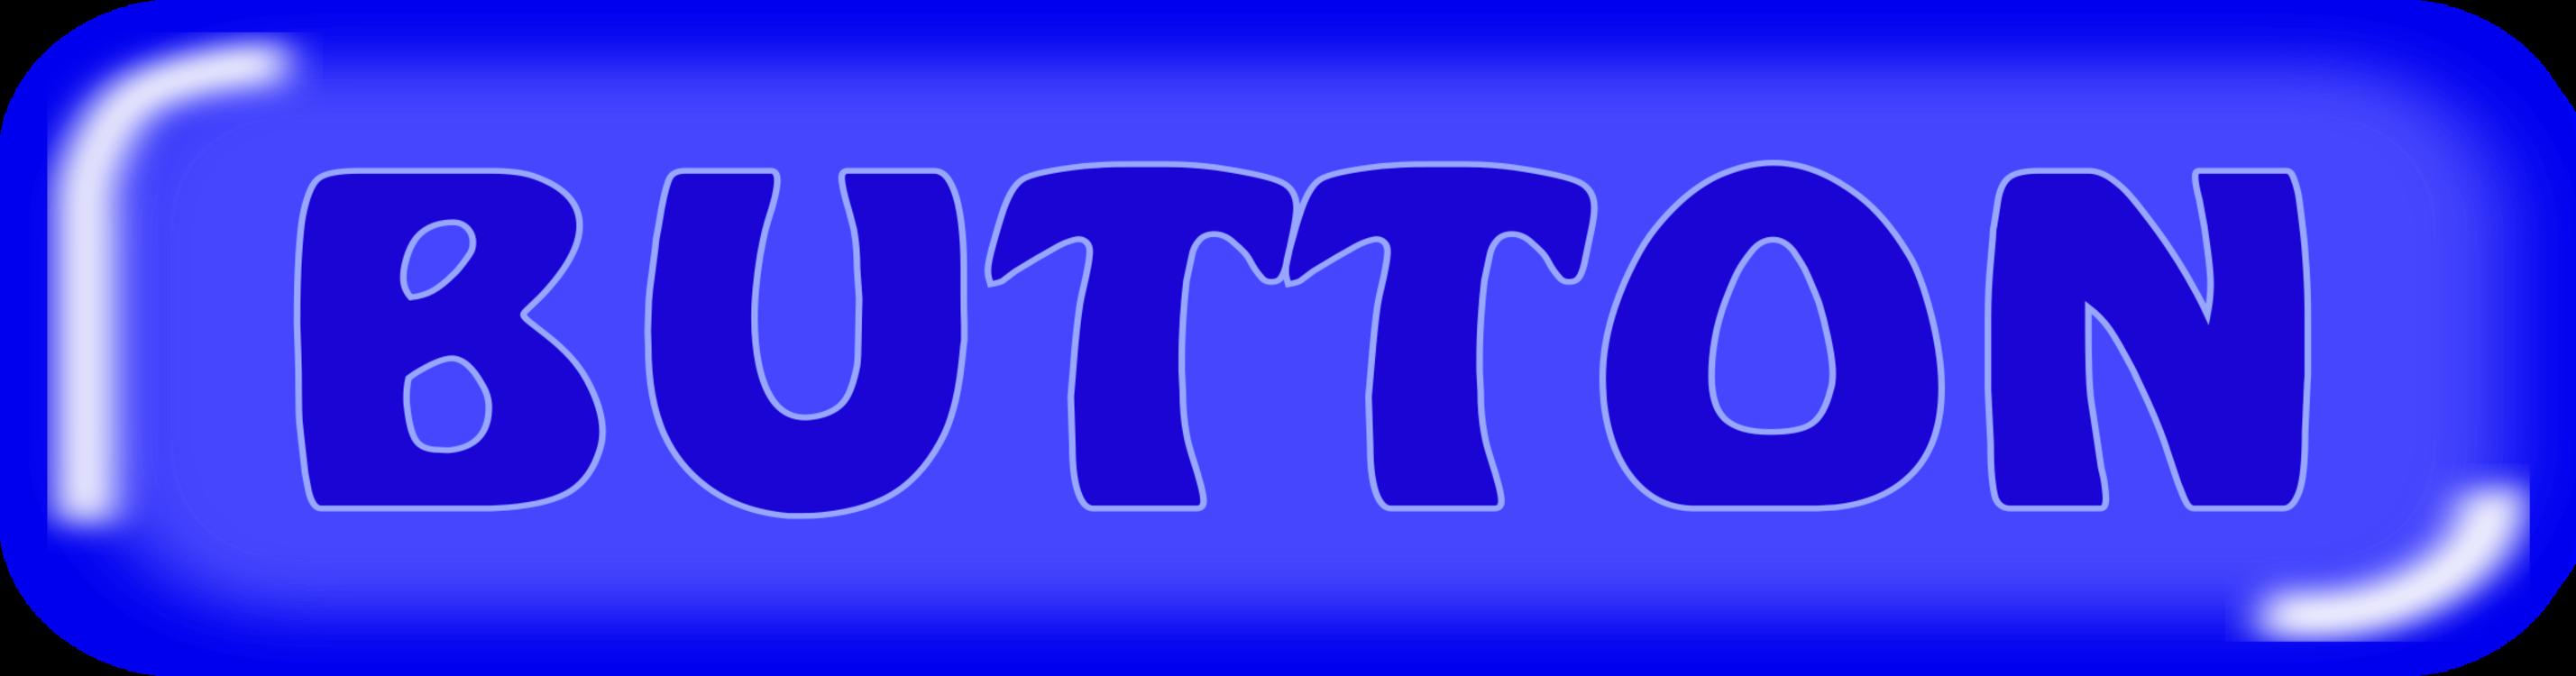 Blue,Text,Brand